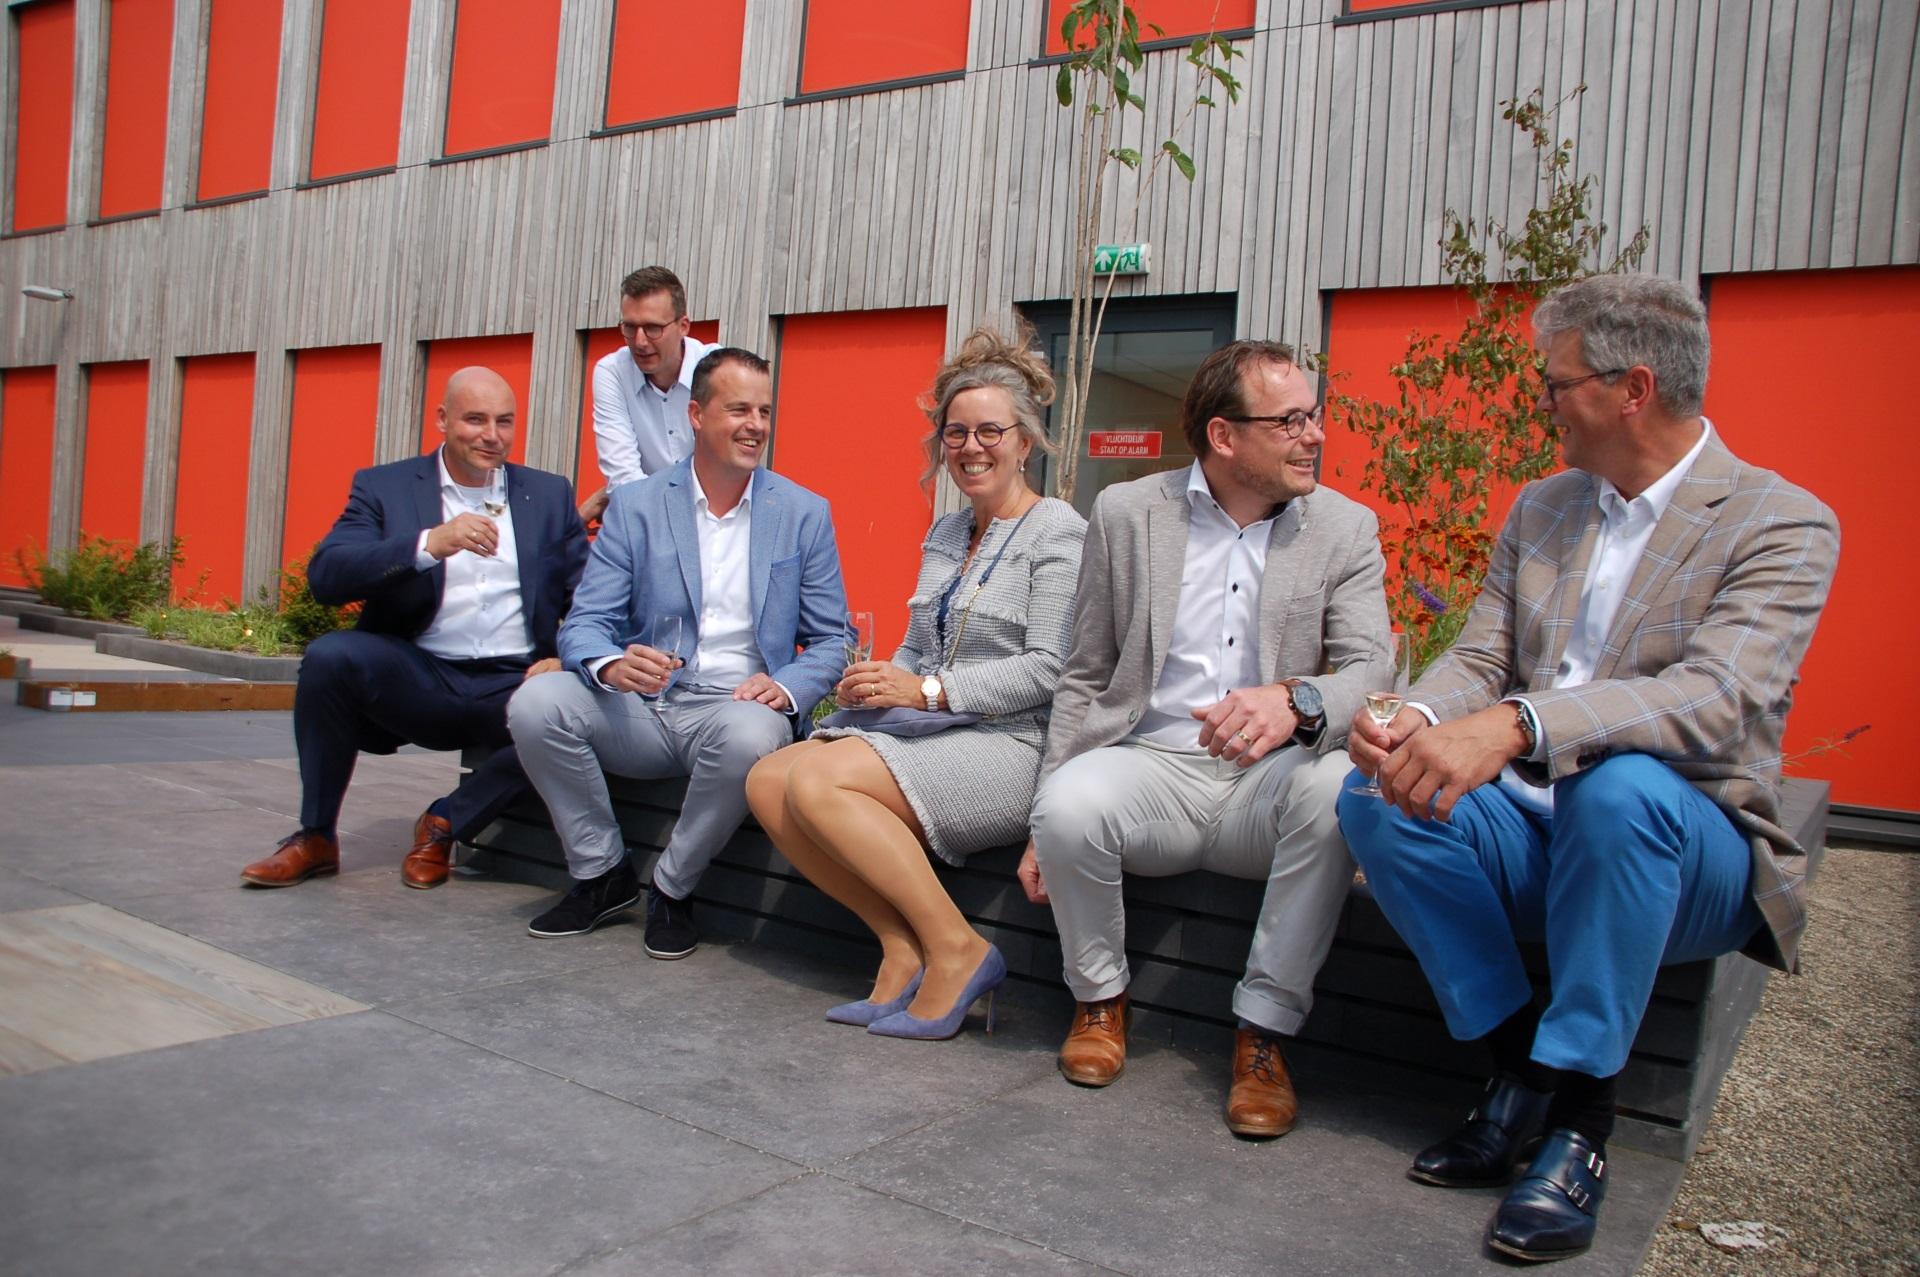 Spaansen Tuinklaar en LIV planten een boom als symbolische start van een vruchtbare samenwerking. Verbinding Is Ons Succes (VIOS)!